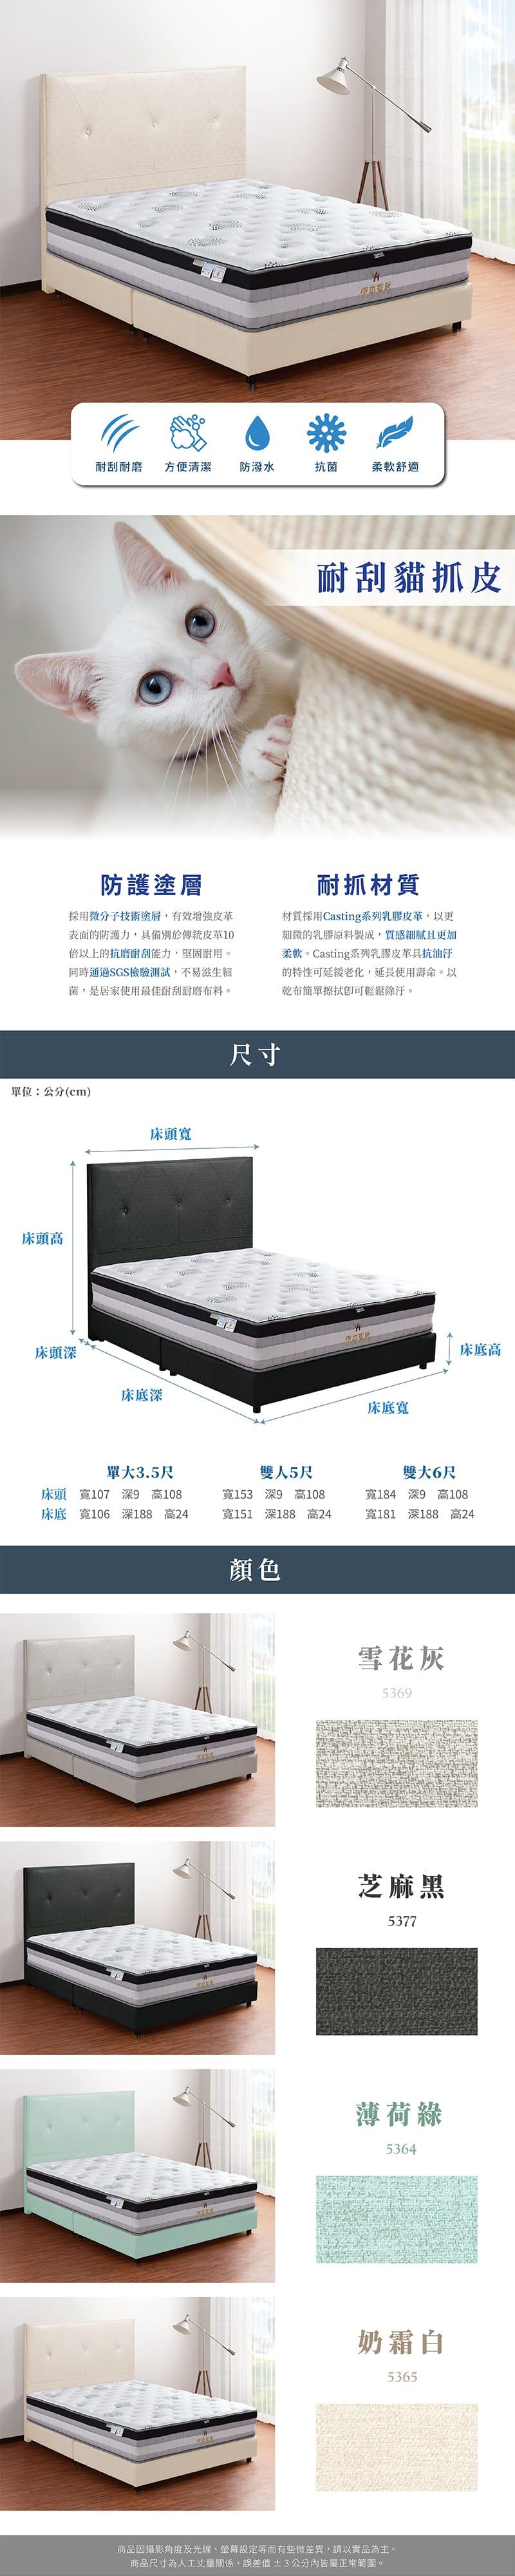 傑森 貓抓皮床組兩件 雙人5尺(床頭片+床底)